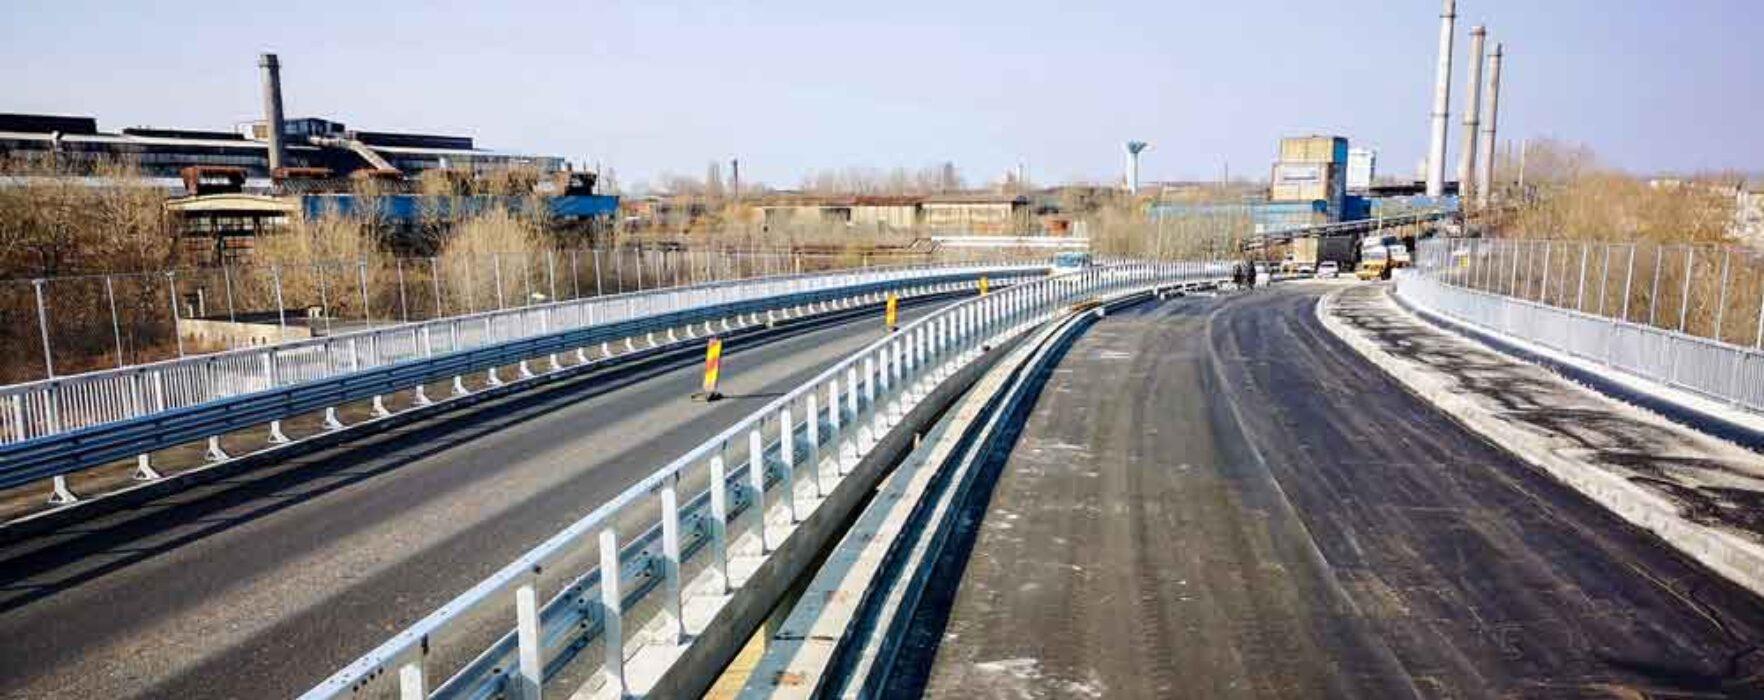 Târgovişte: Stadiul lucrărilor la șoseaua de centură (martie 2021)